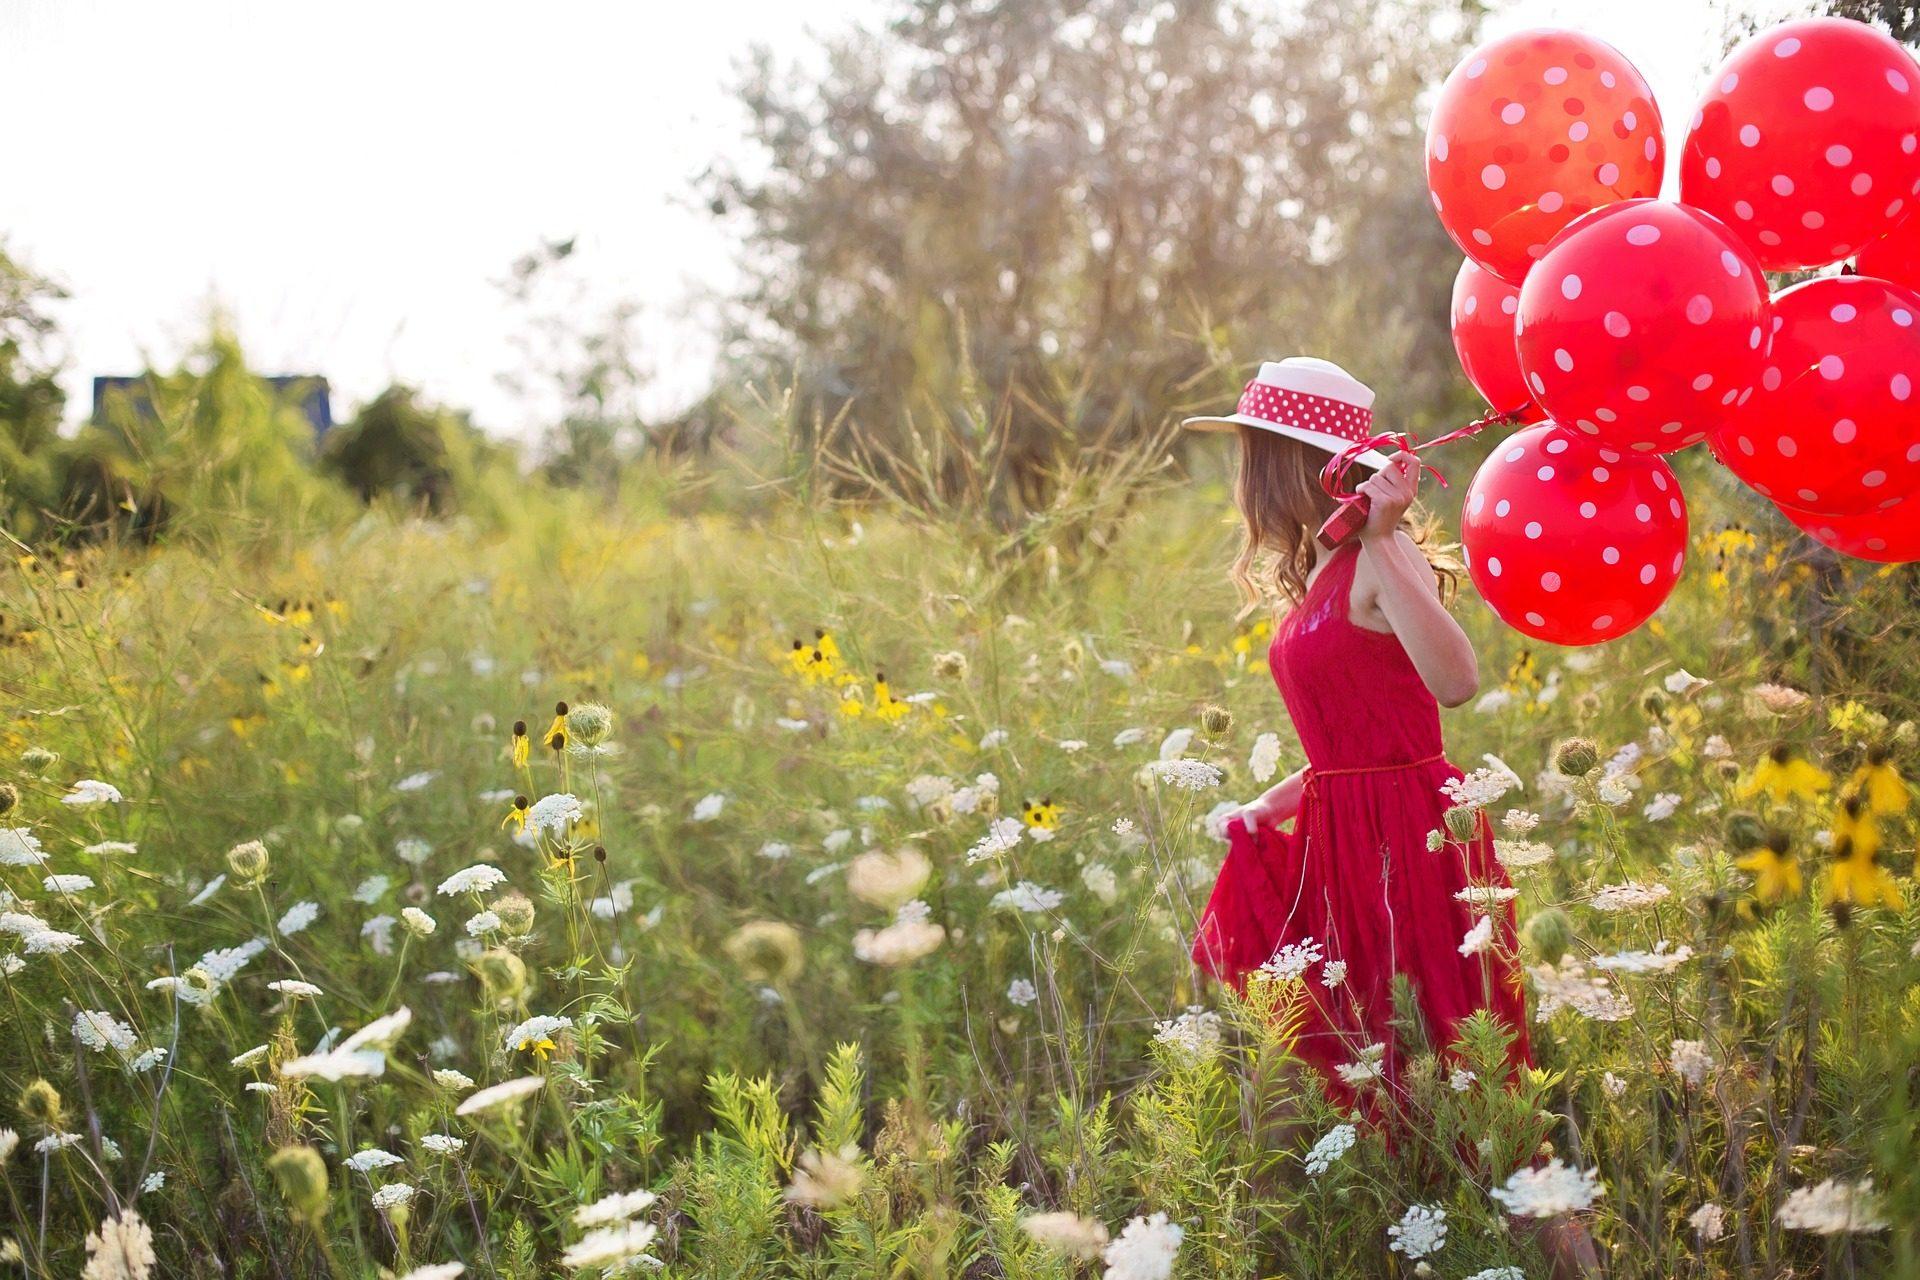 женщина, платье, воздушные шары, Шляпа, поле, растительность - Обои HD - Профессор falken.com